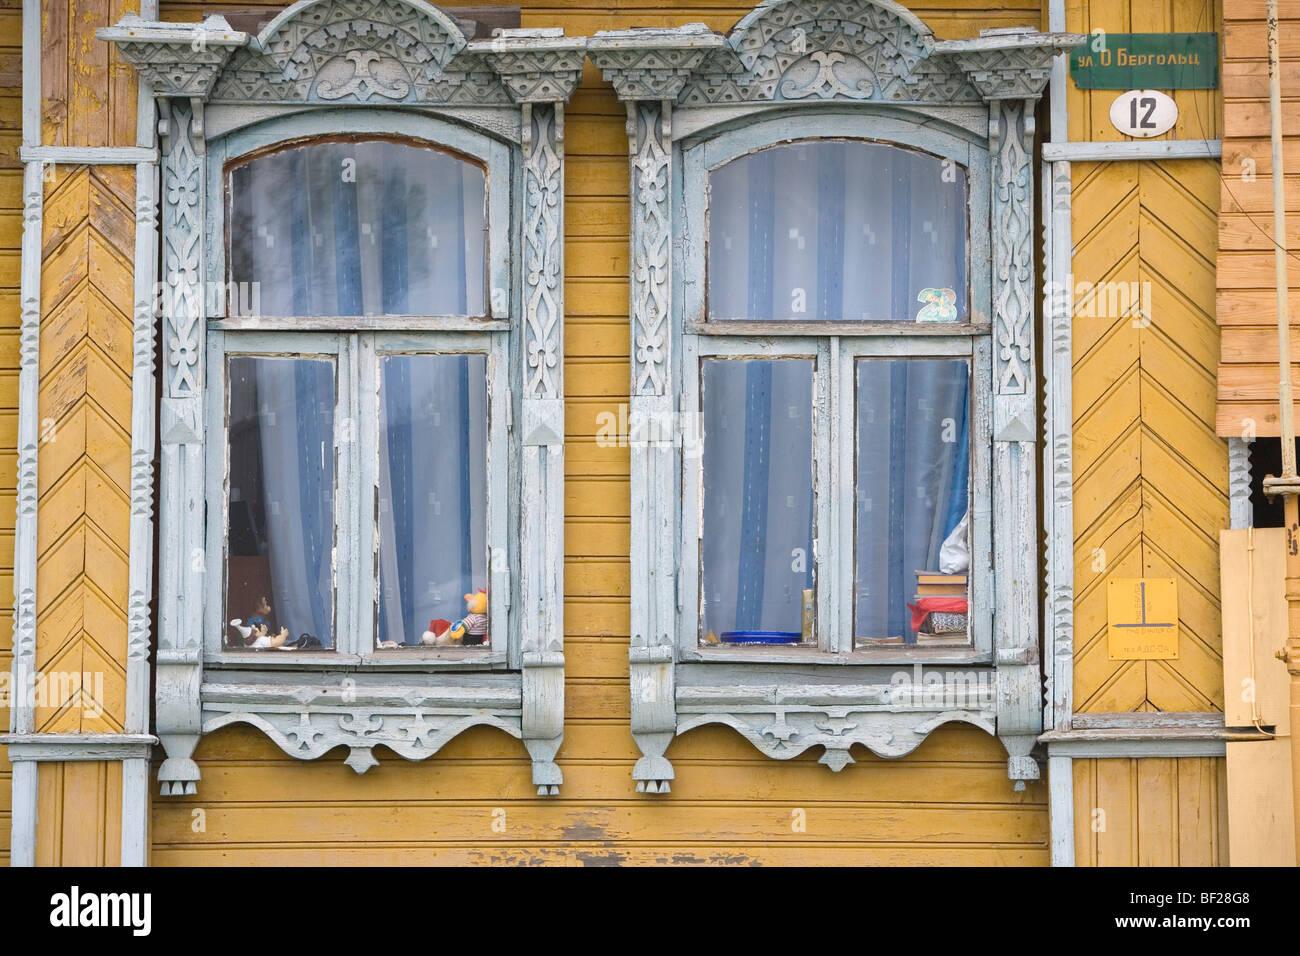 Holzfassade eines Wohnhauses in Uglitsch, Oblast Jaroslawl, Russland Stockbild